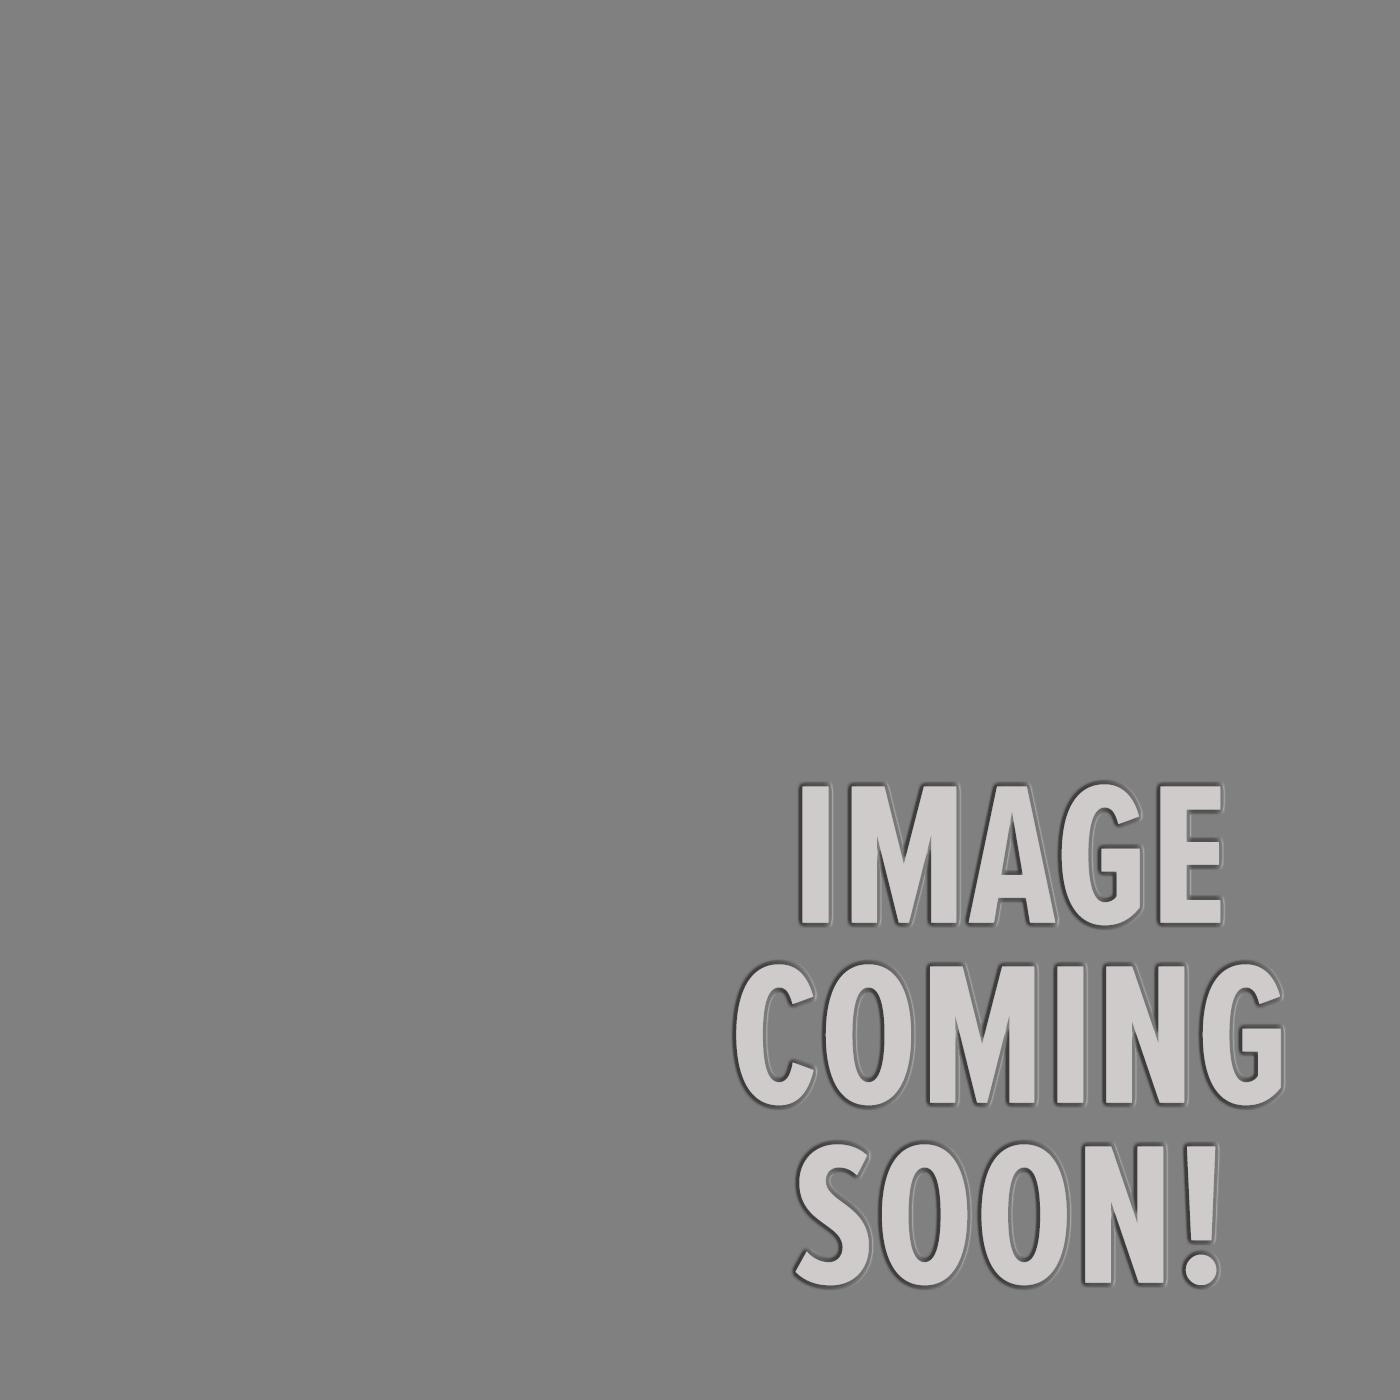 Fender 75th Anniversary Commemorative Precision Bass